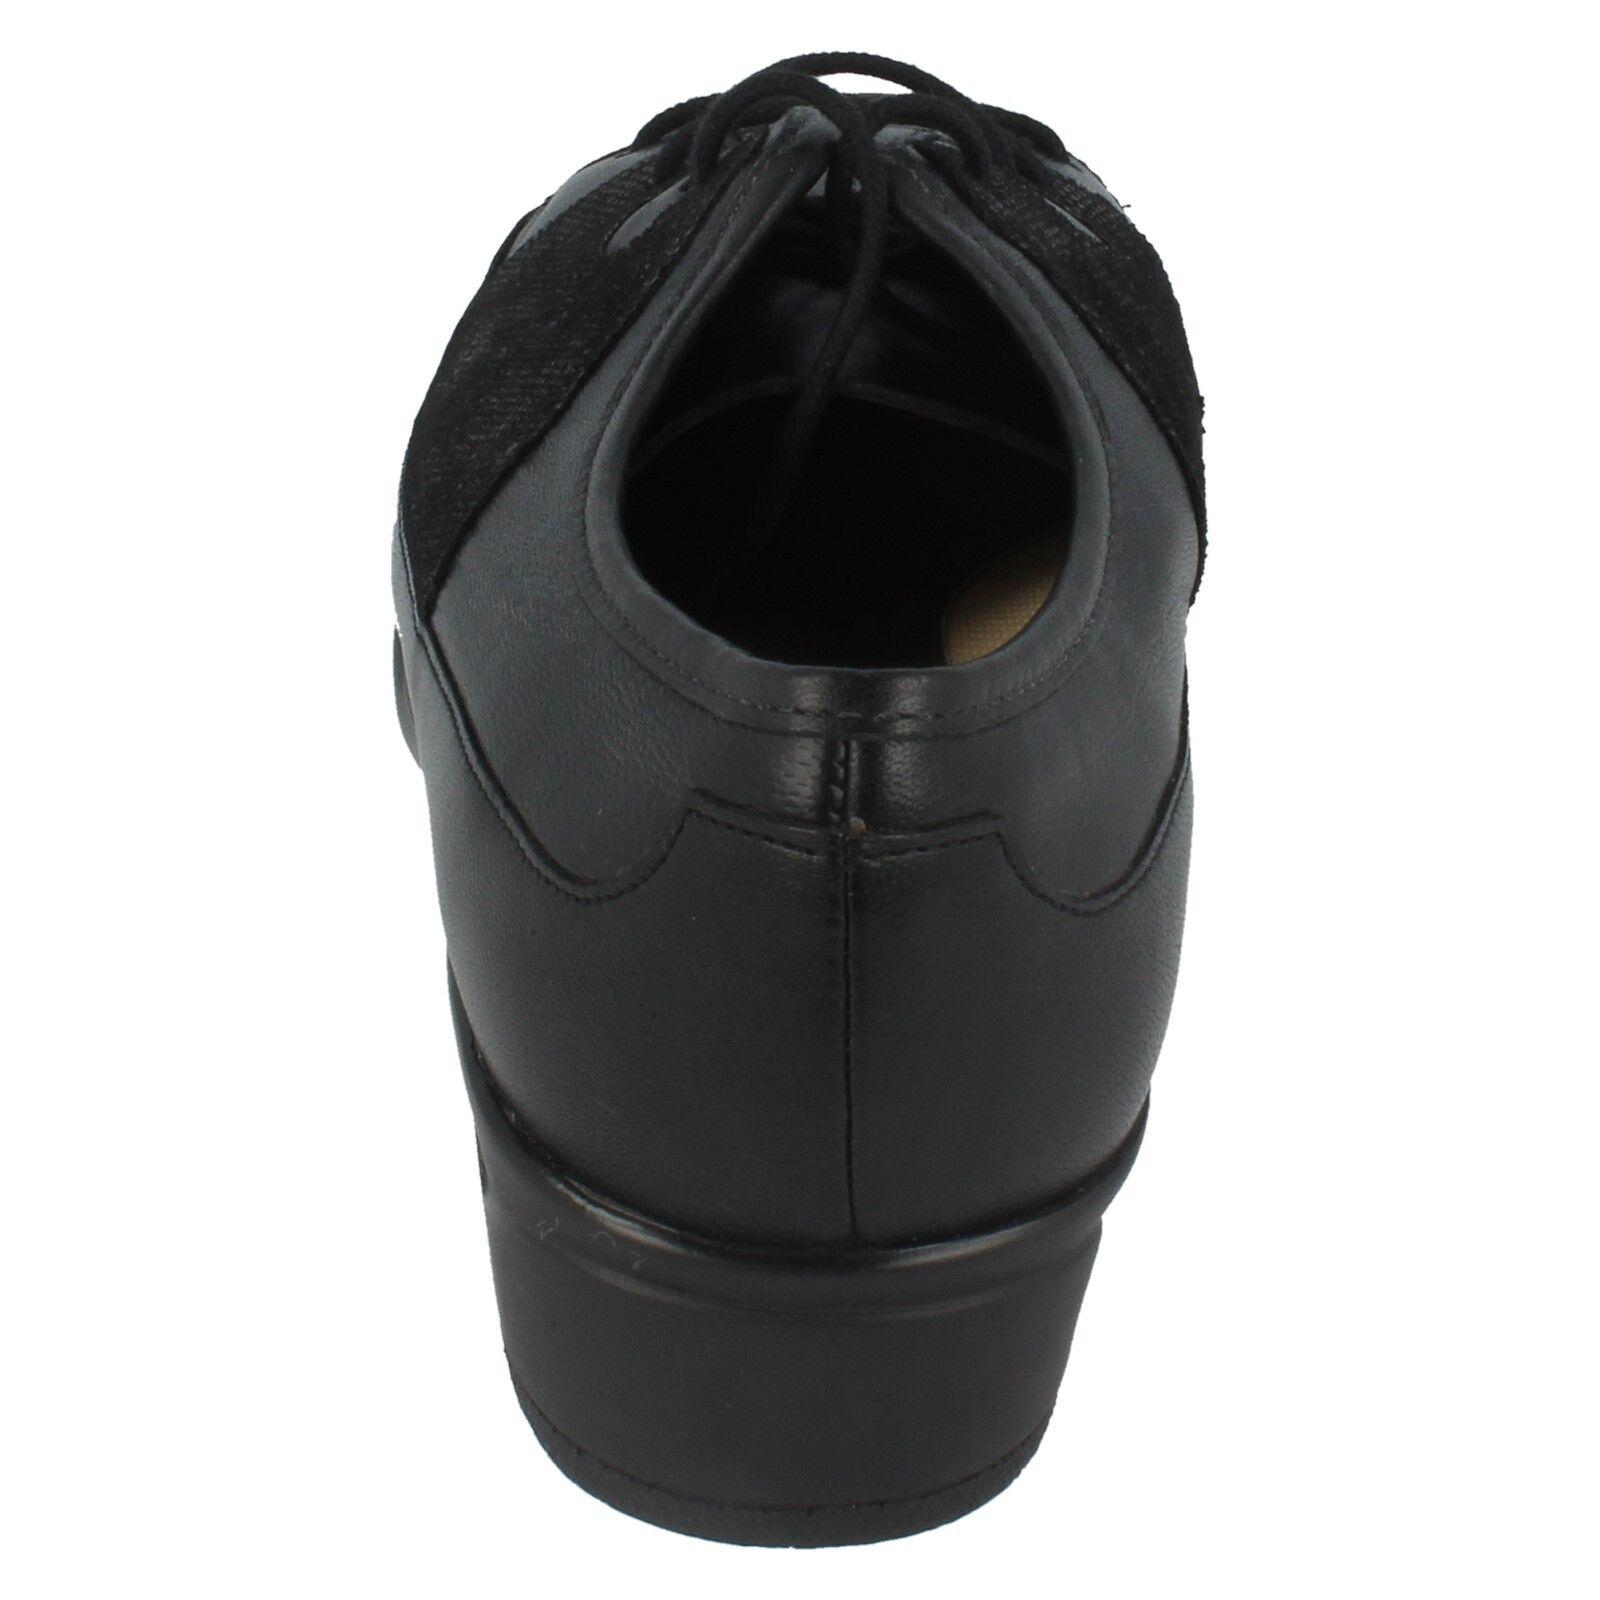 Equity Equity Equity Para Dama Negro Estrella ante estampado zapatos de Piel Con Cordones 7e62b6